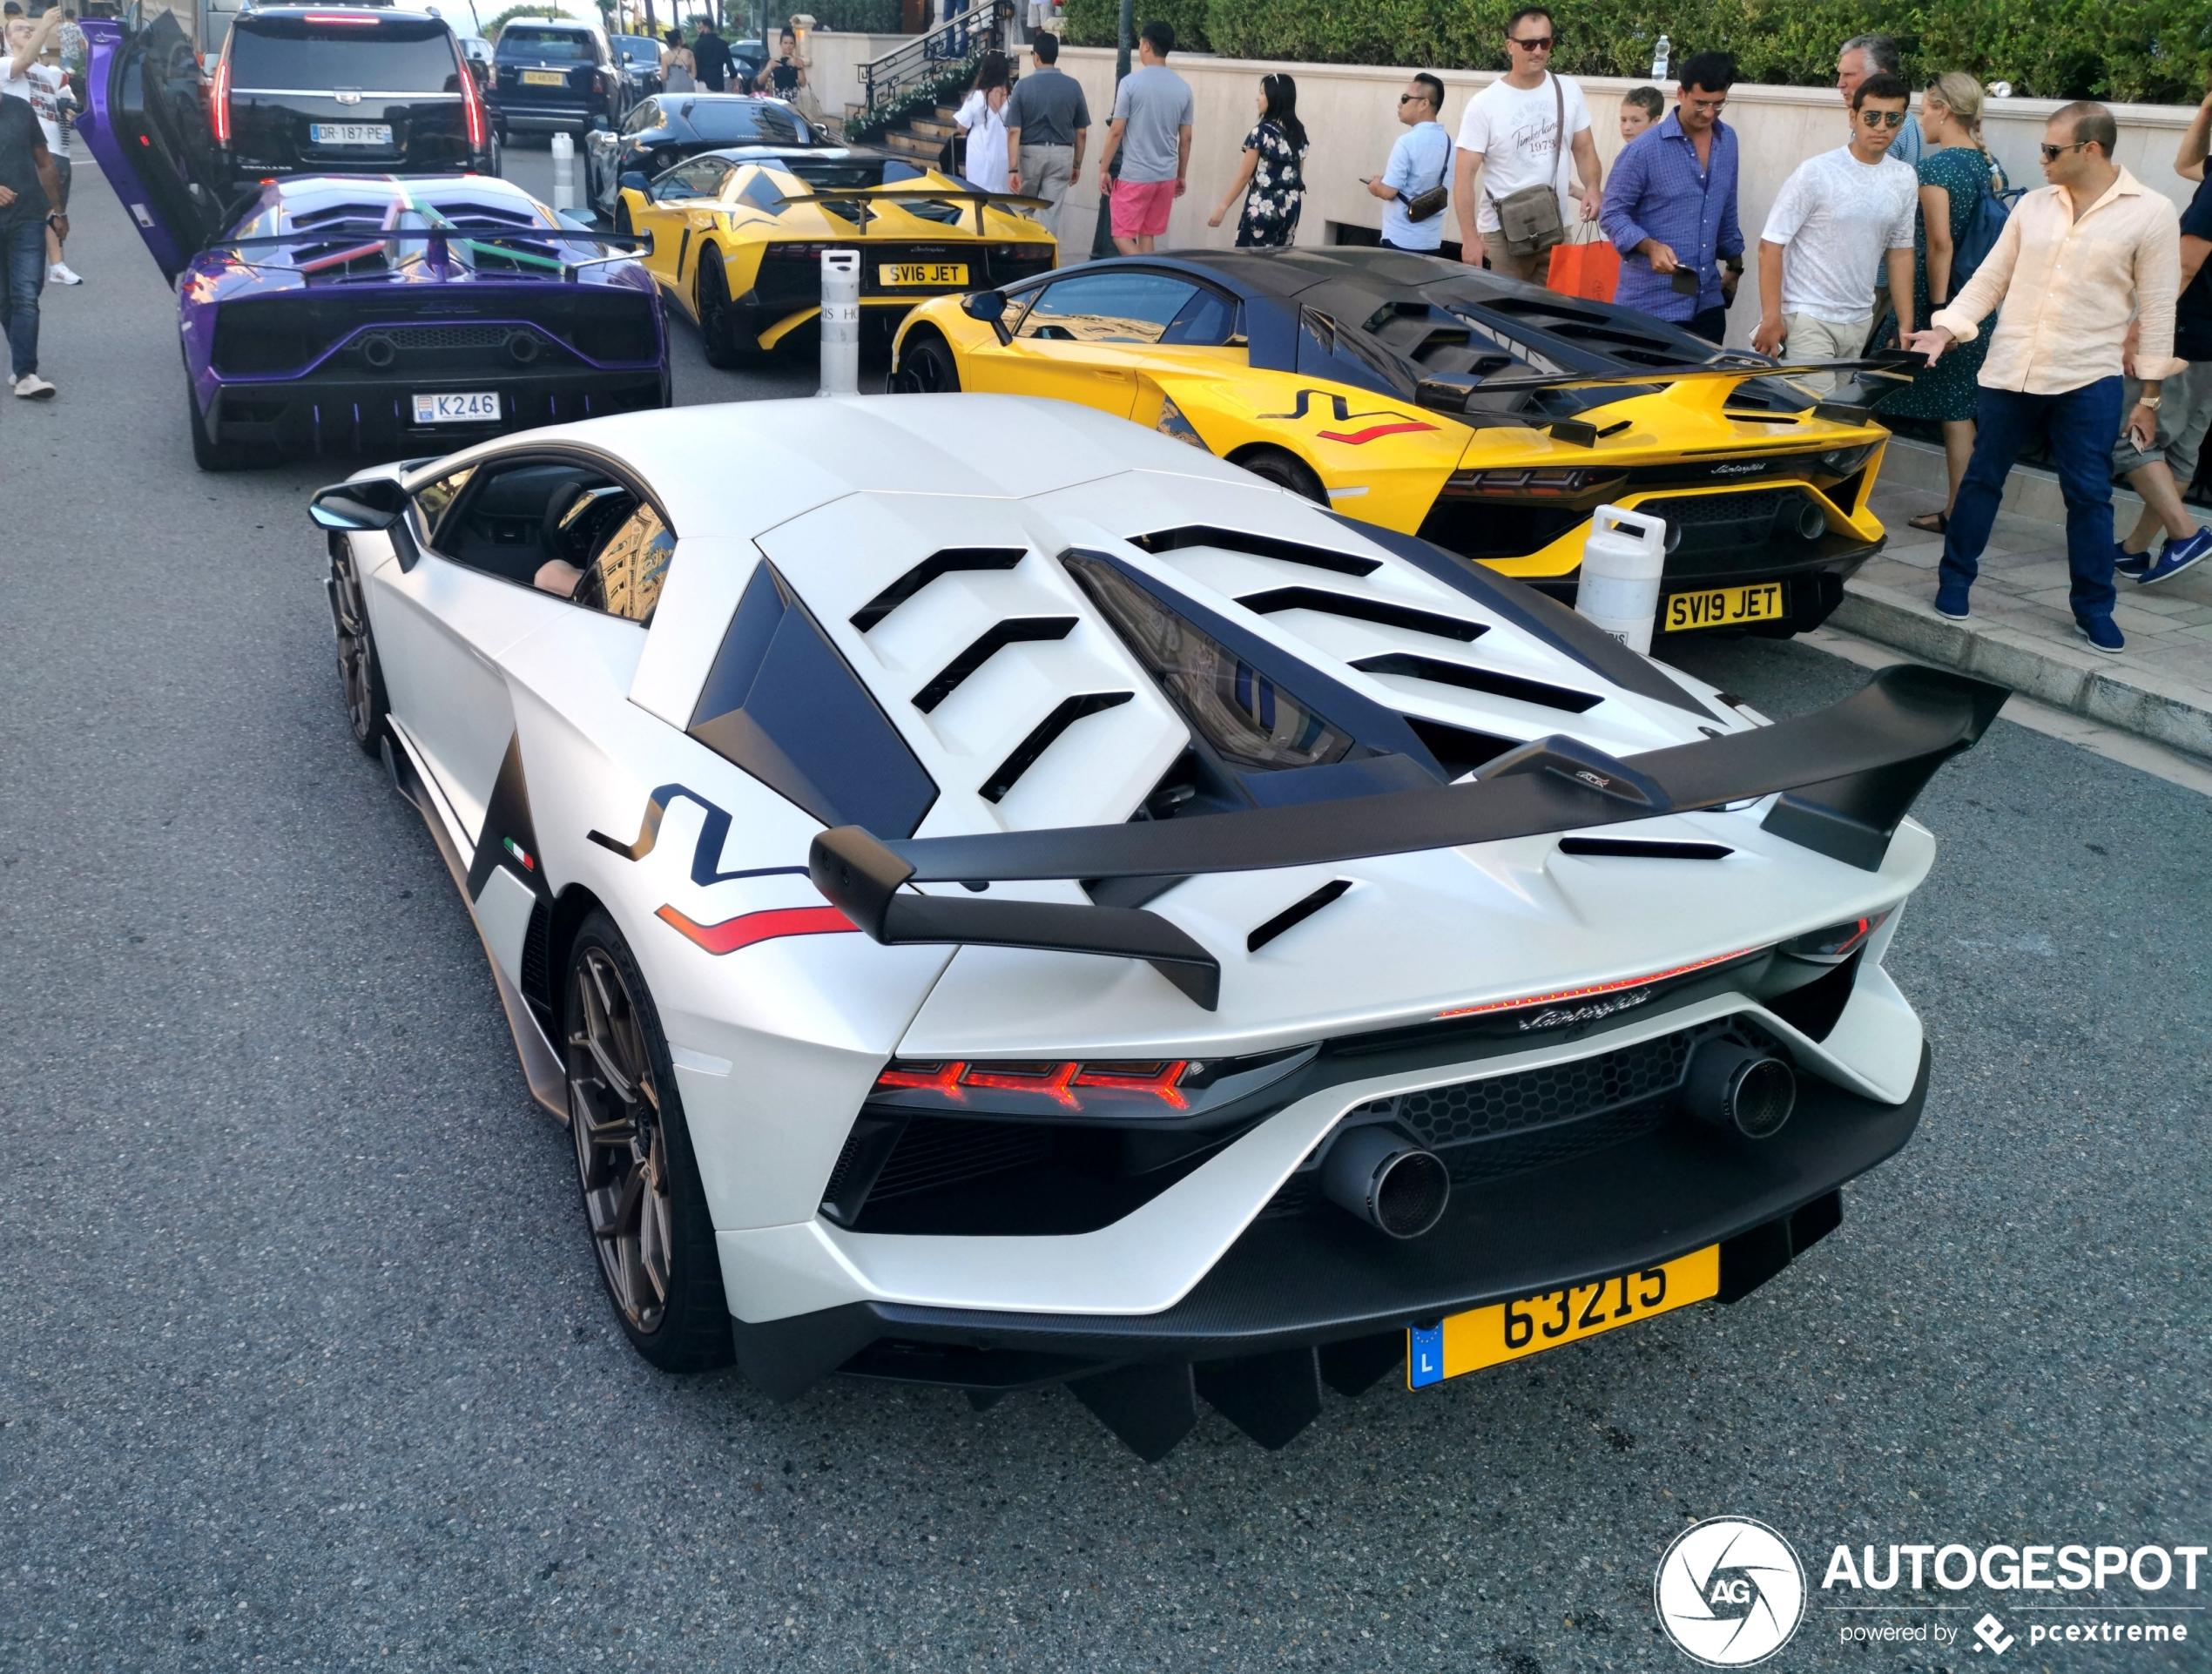 Lamborghini Aventador SVJ combo doet ons verlangen naar de zomer